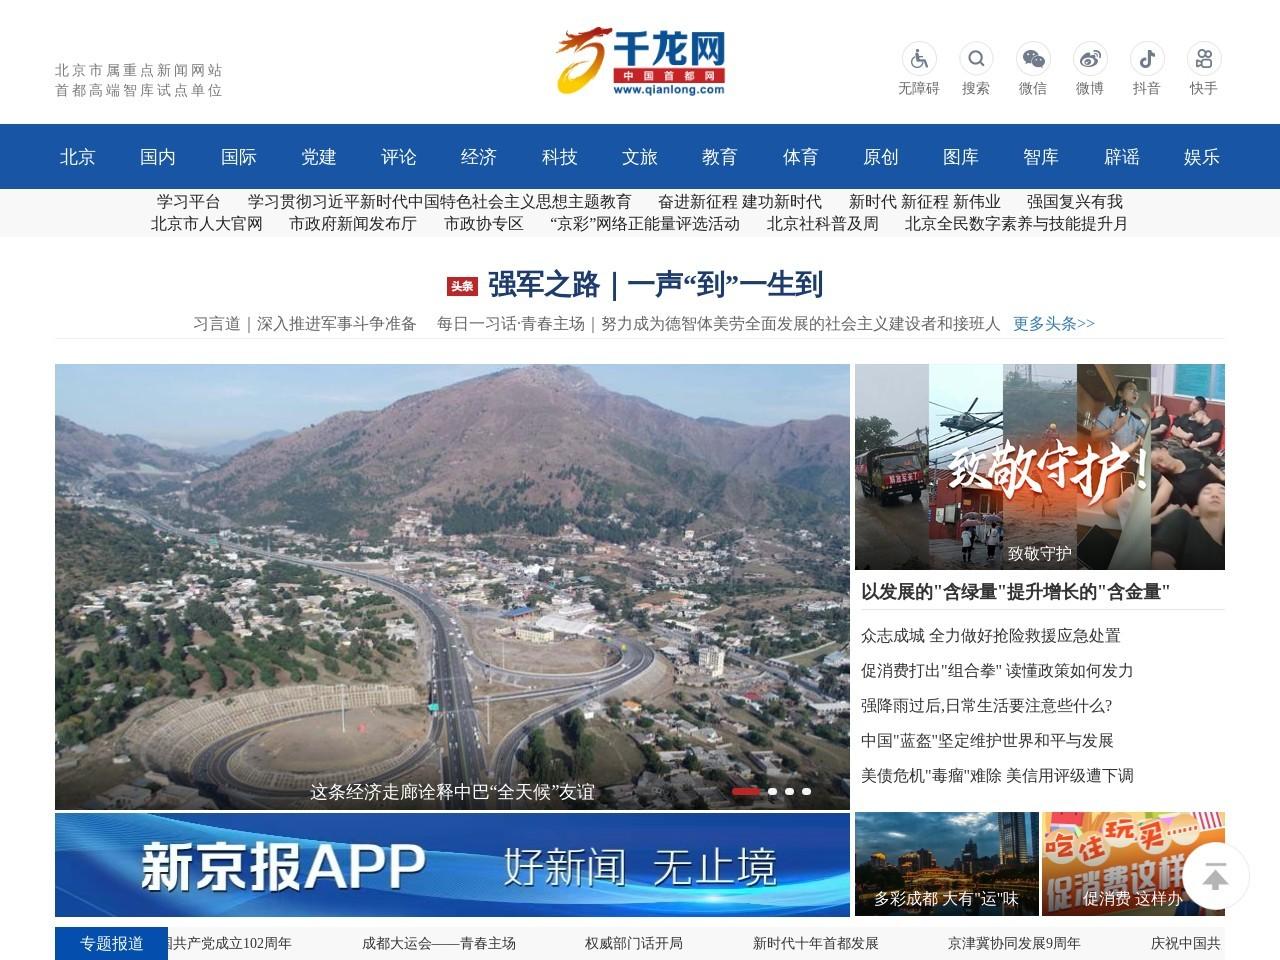 千龙网的网站截图